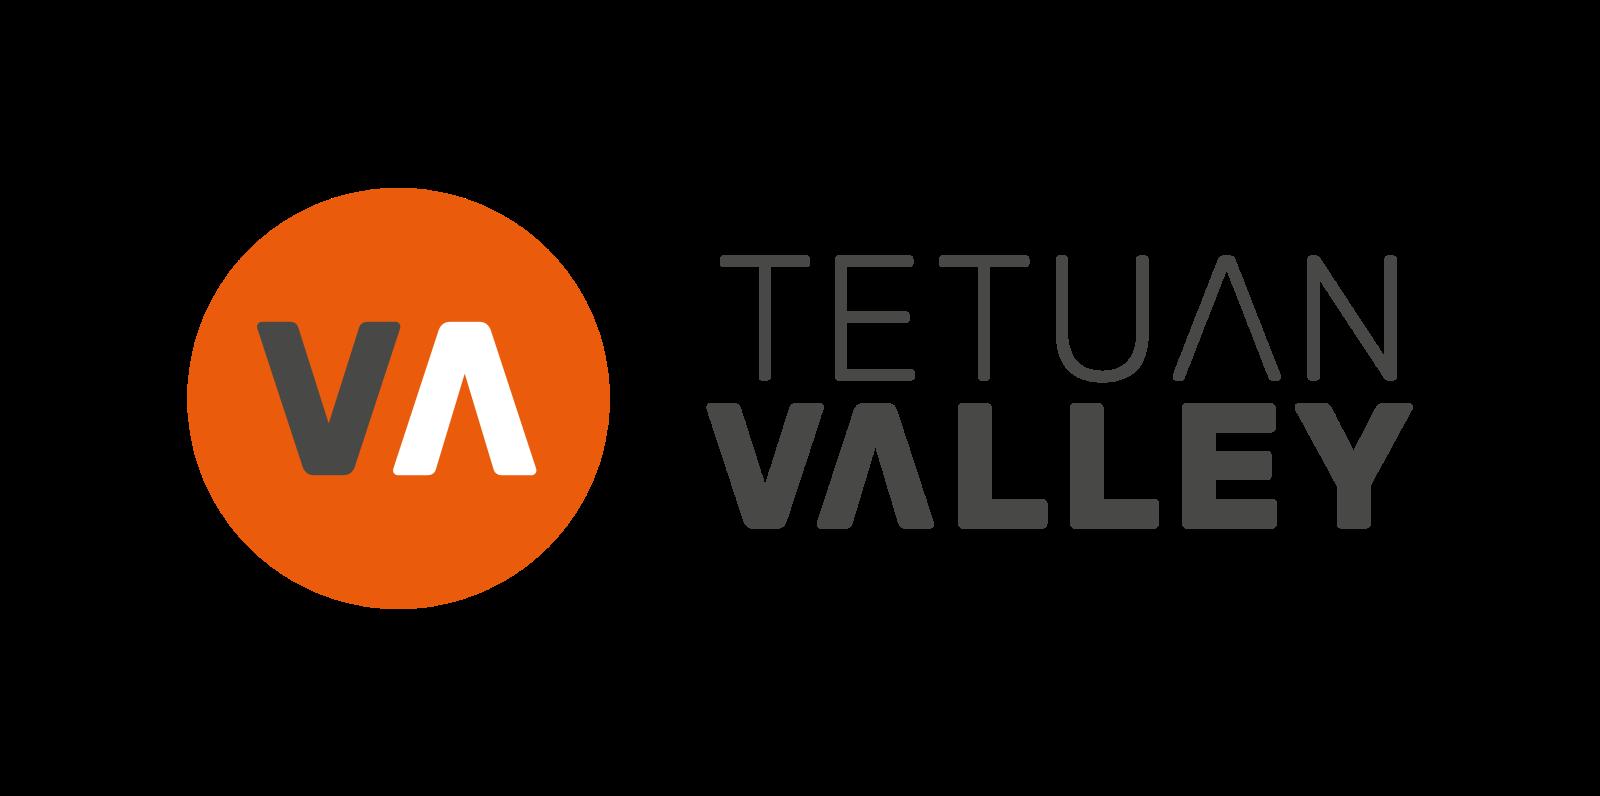 logo_TetuanValley